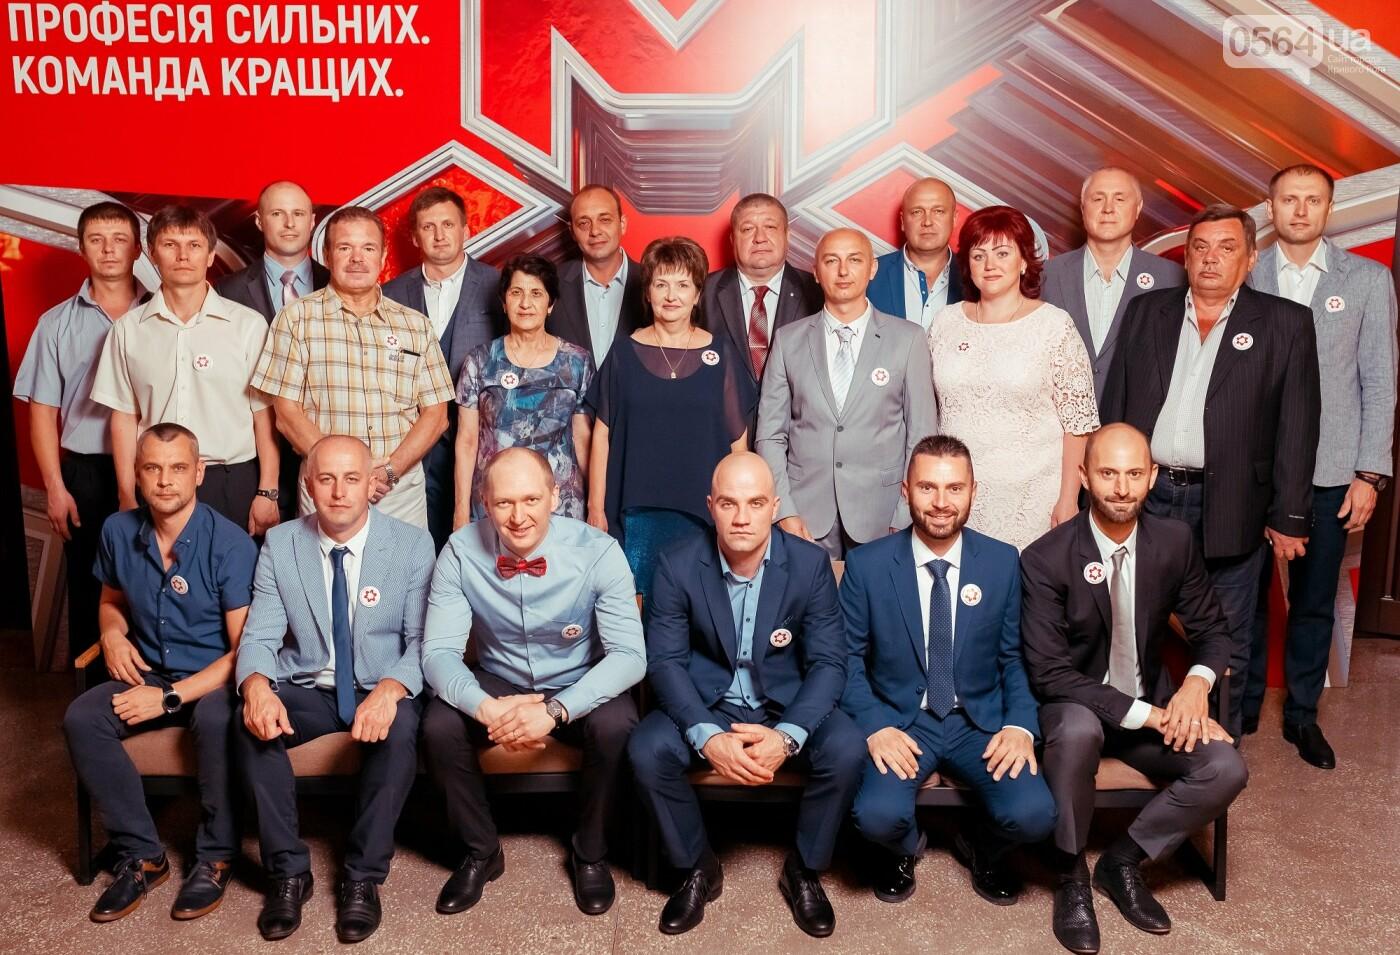 Звездный коллектив: истории лучших сотрудников компании Метинвест, фото-4